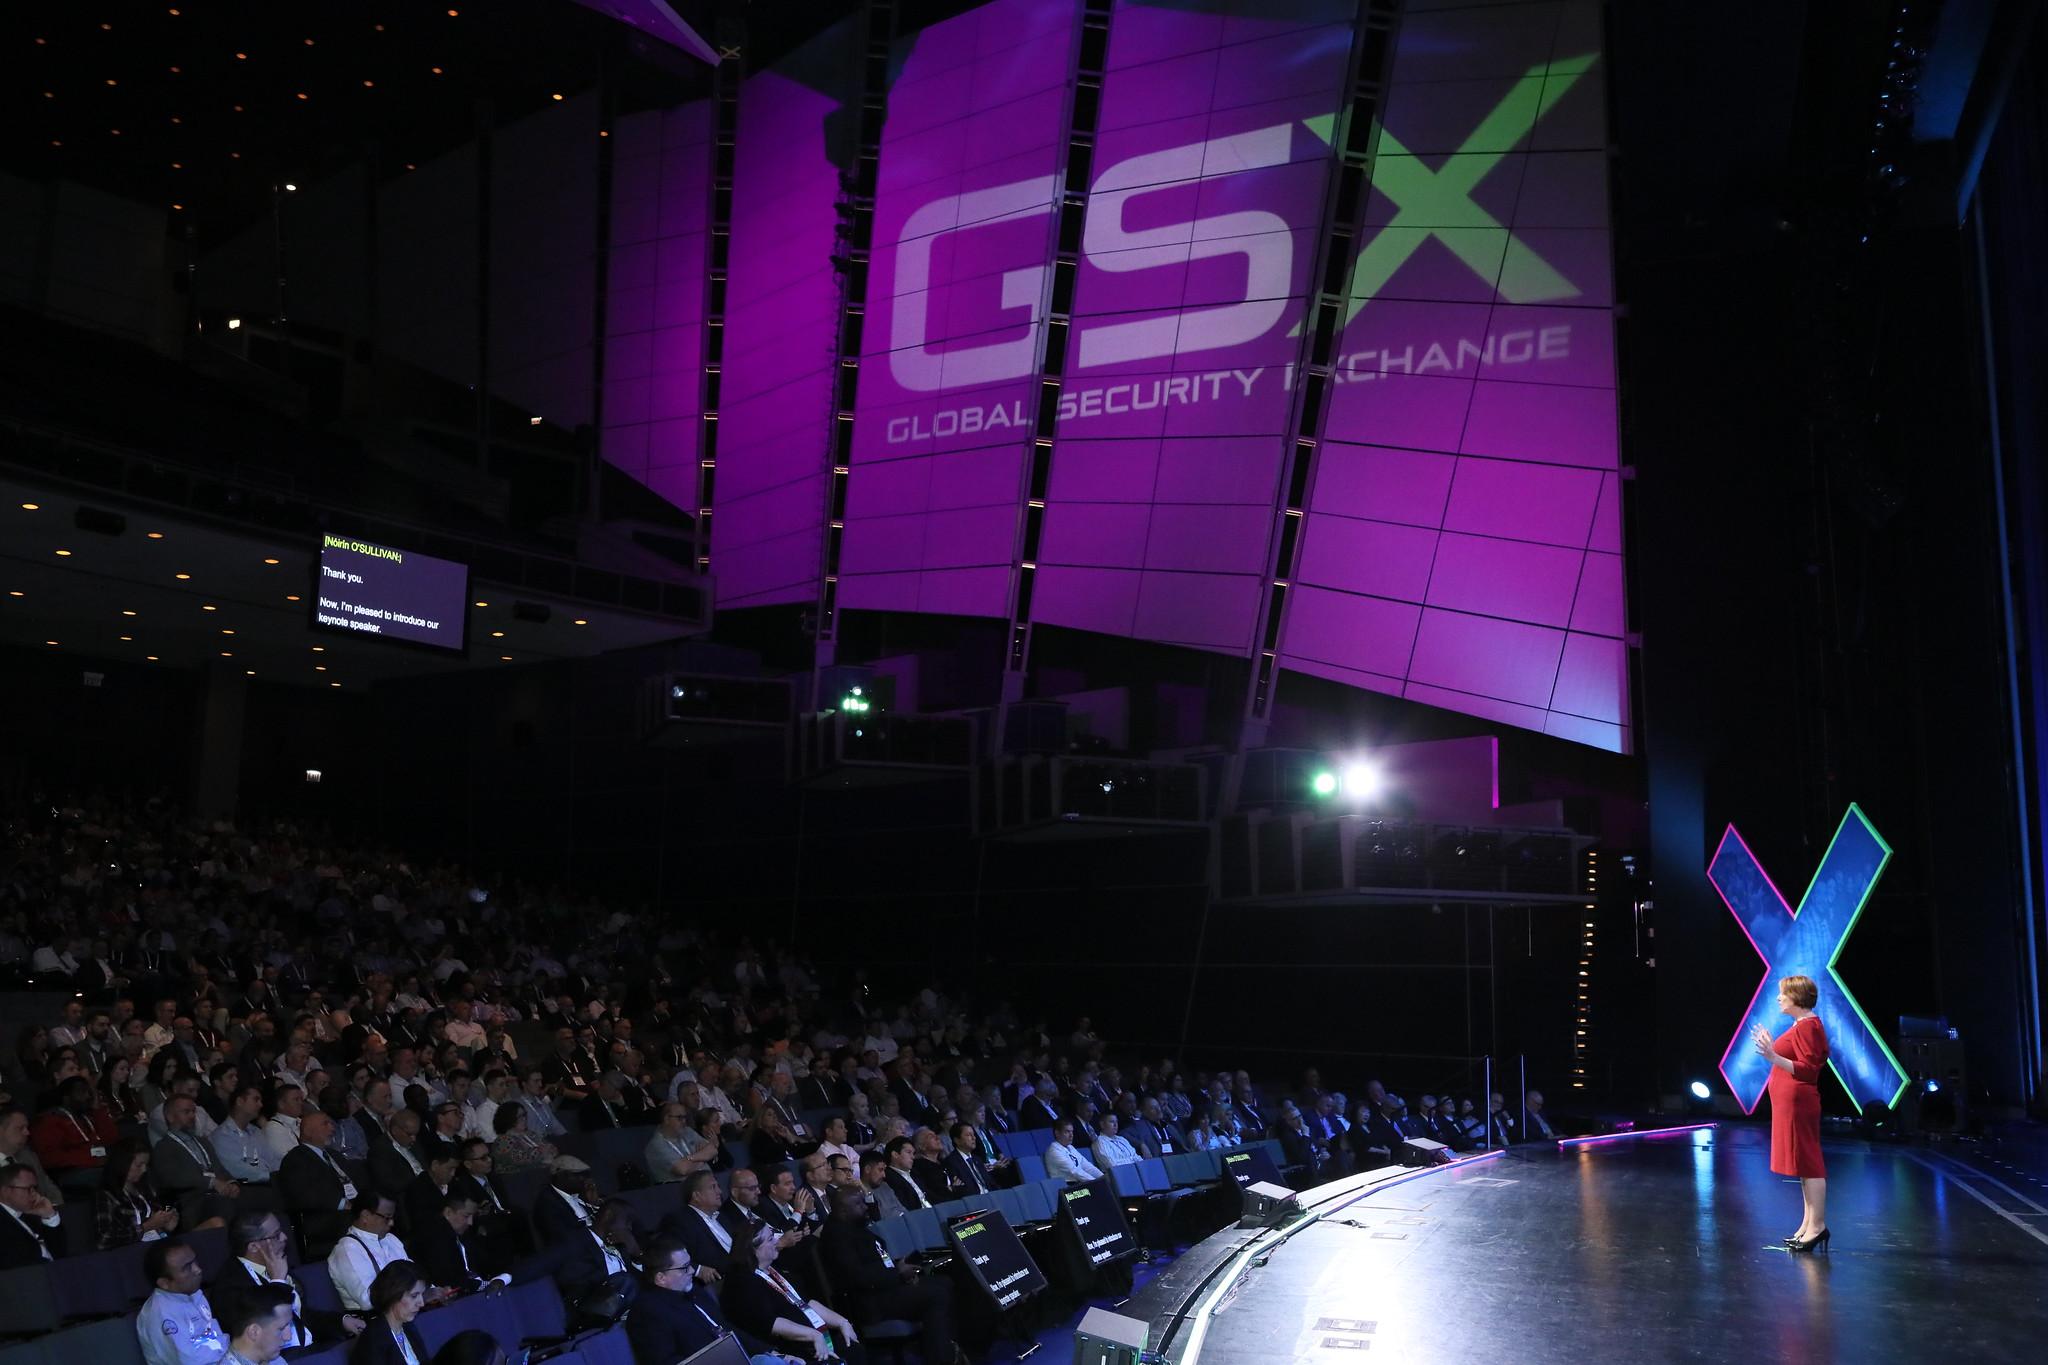 GSK event